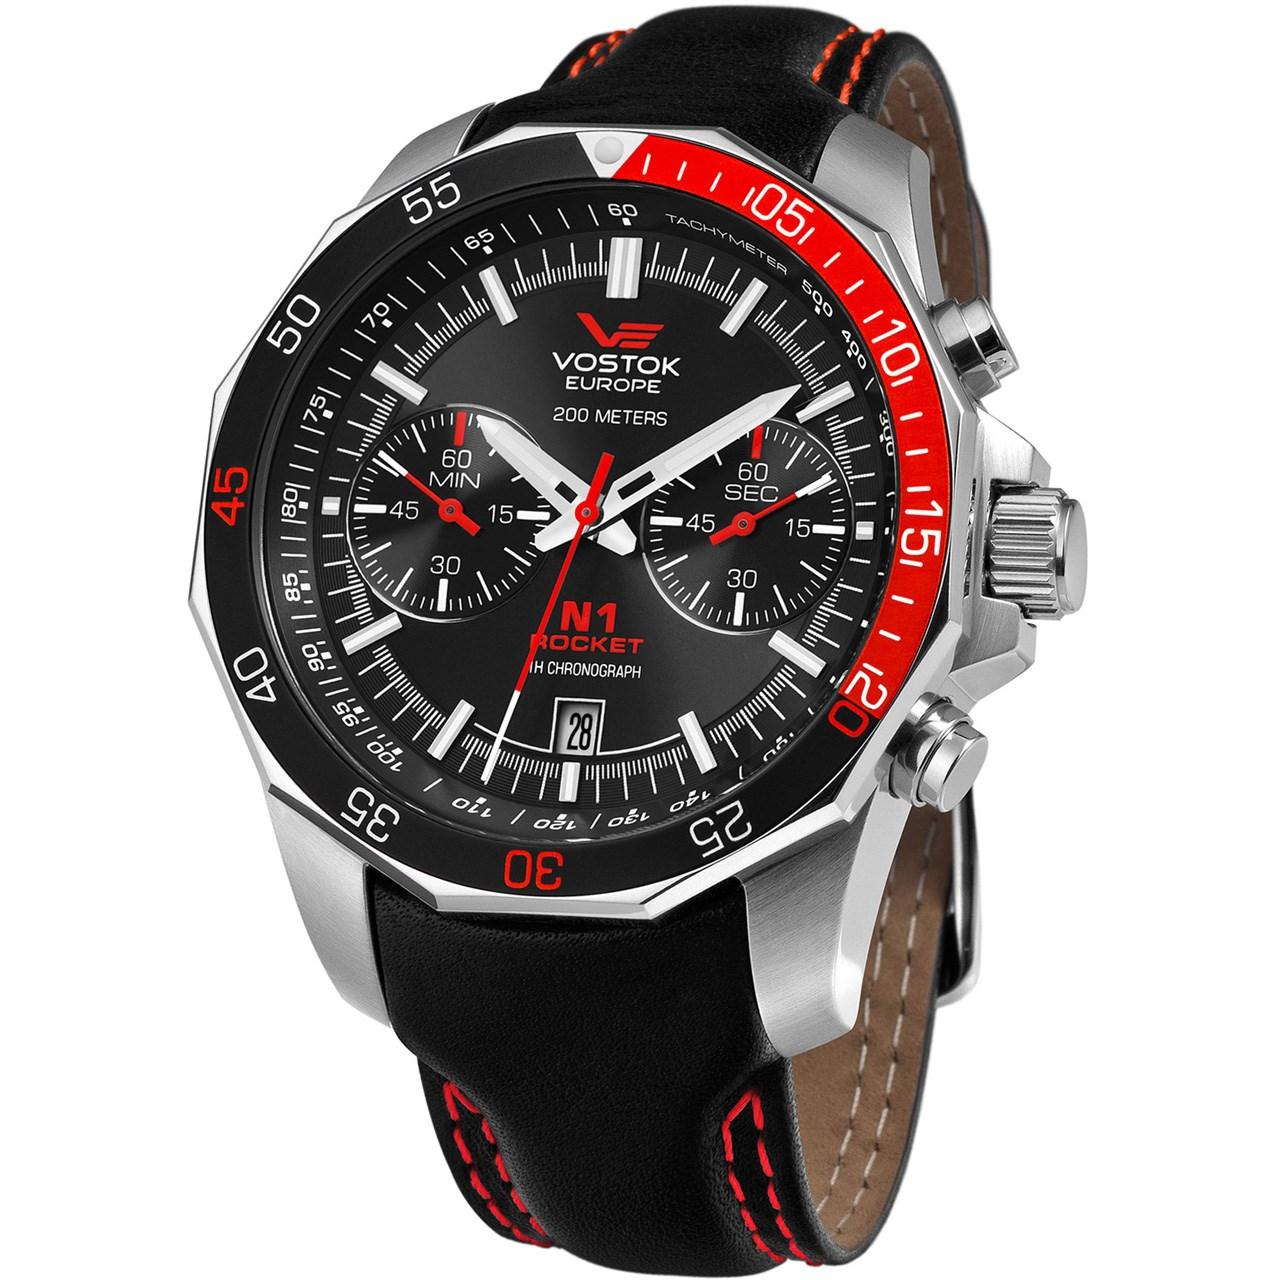 ساعت مچی عقربه ای مردانه وستوک یوروپ مدل 6S21-2255295